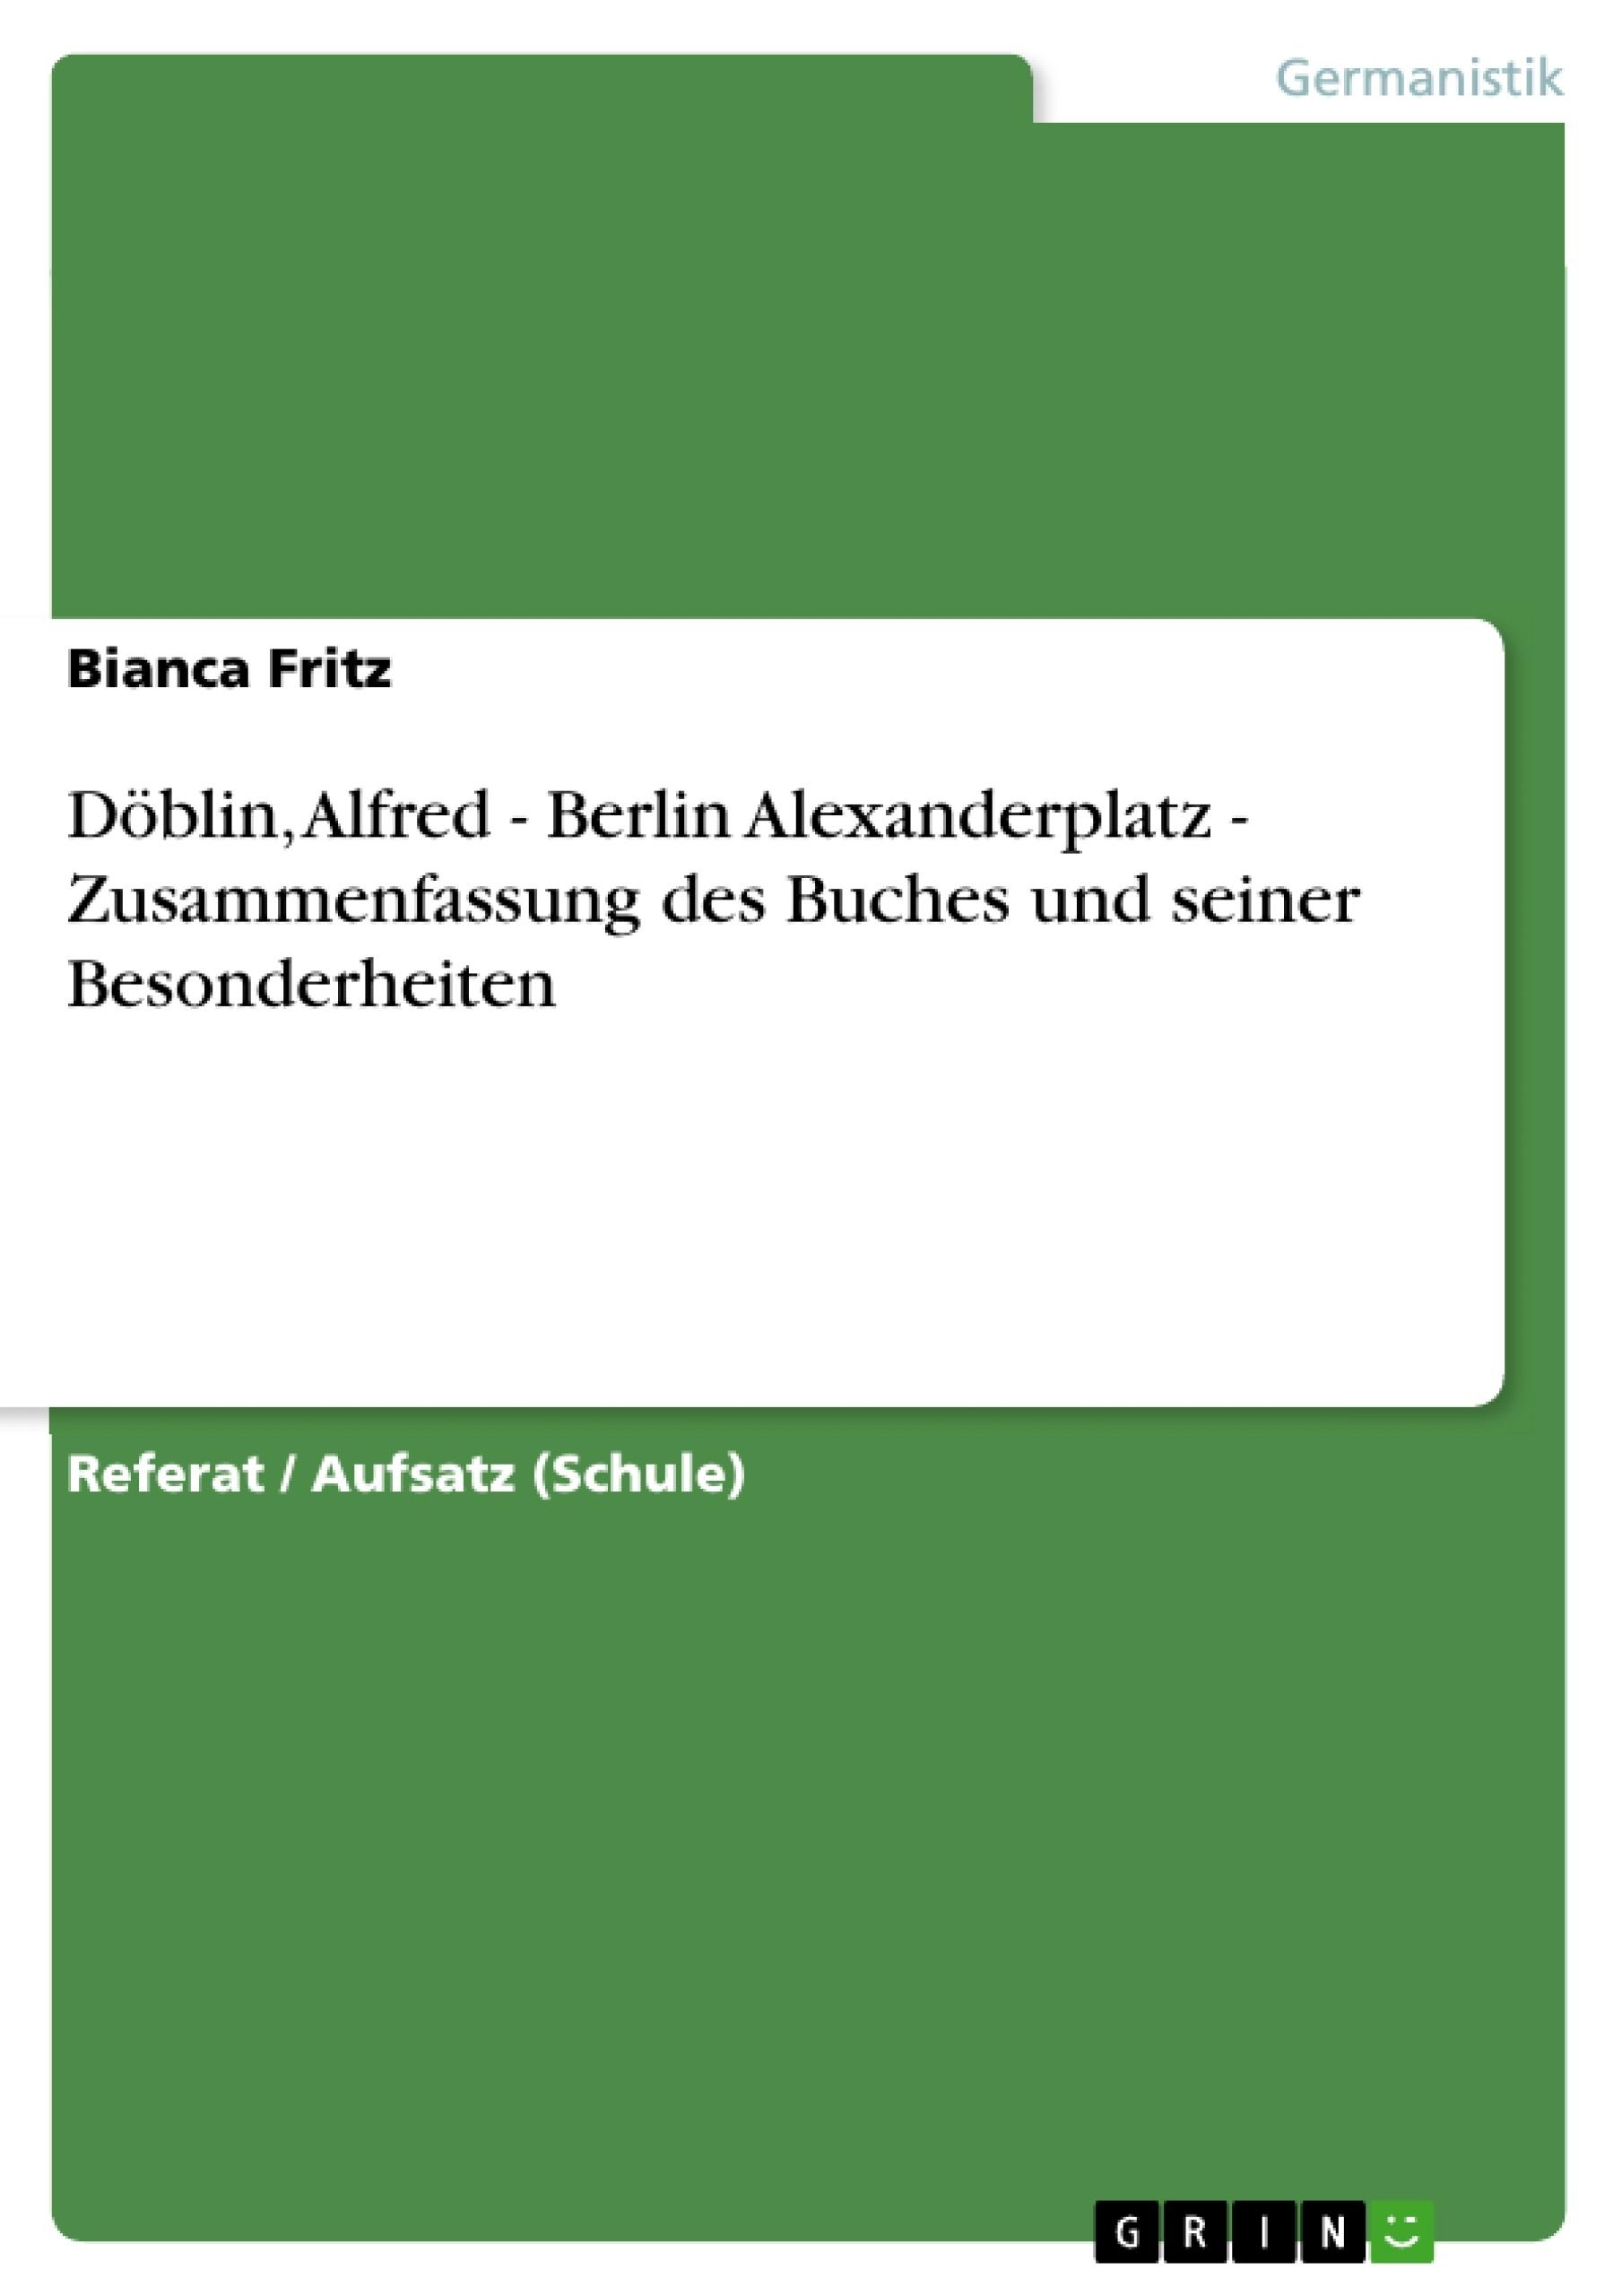 Titel: Döblin, Alfred - Berlin Alexanderplatz - Zusammenfassung des Buches und seiner Besonderheiten